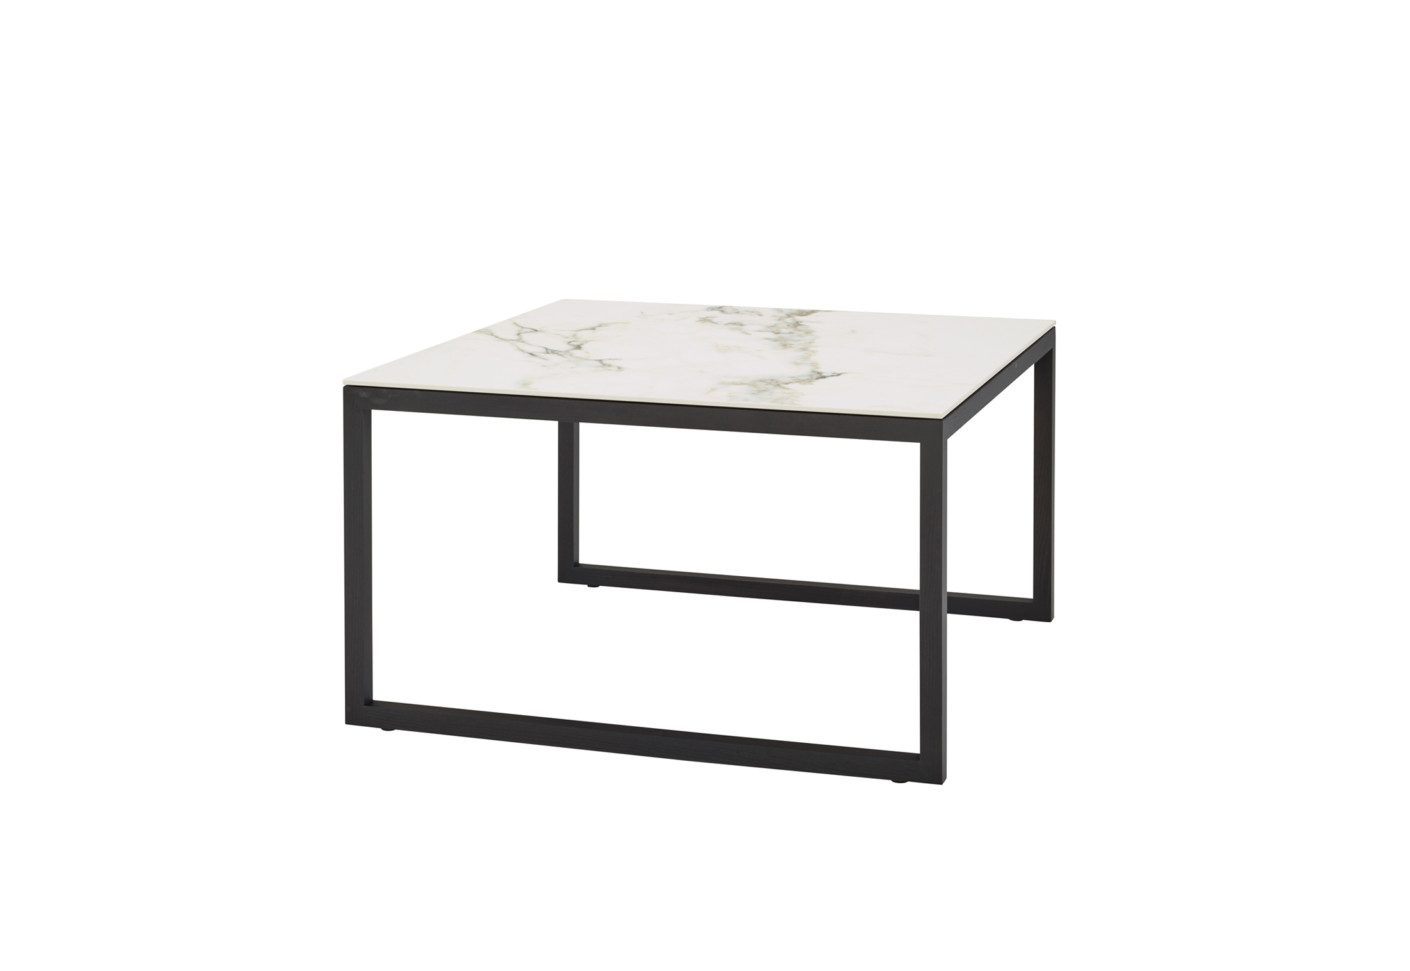 iso couchtisch von ligne roset stylepark. Black Bedroom Furniture Sets. Home Design Ideas